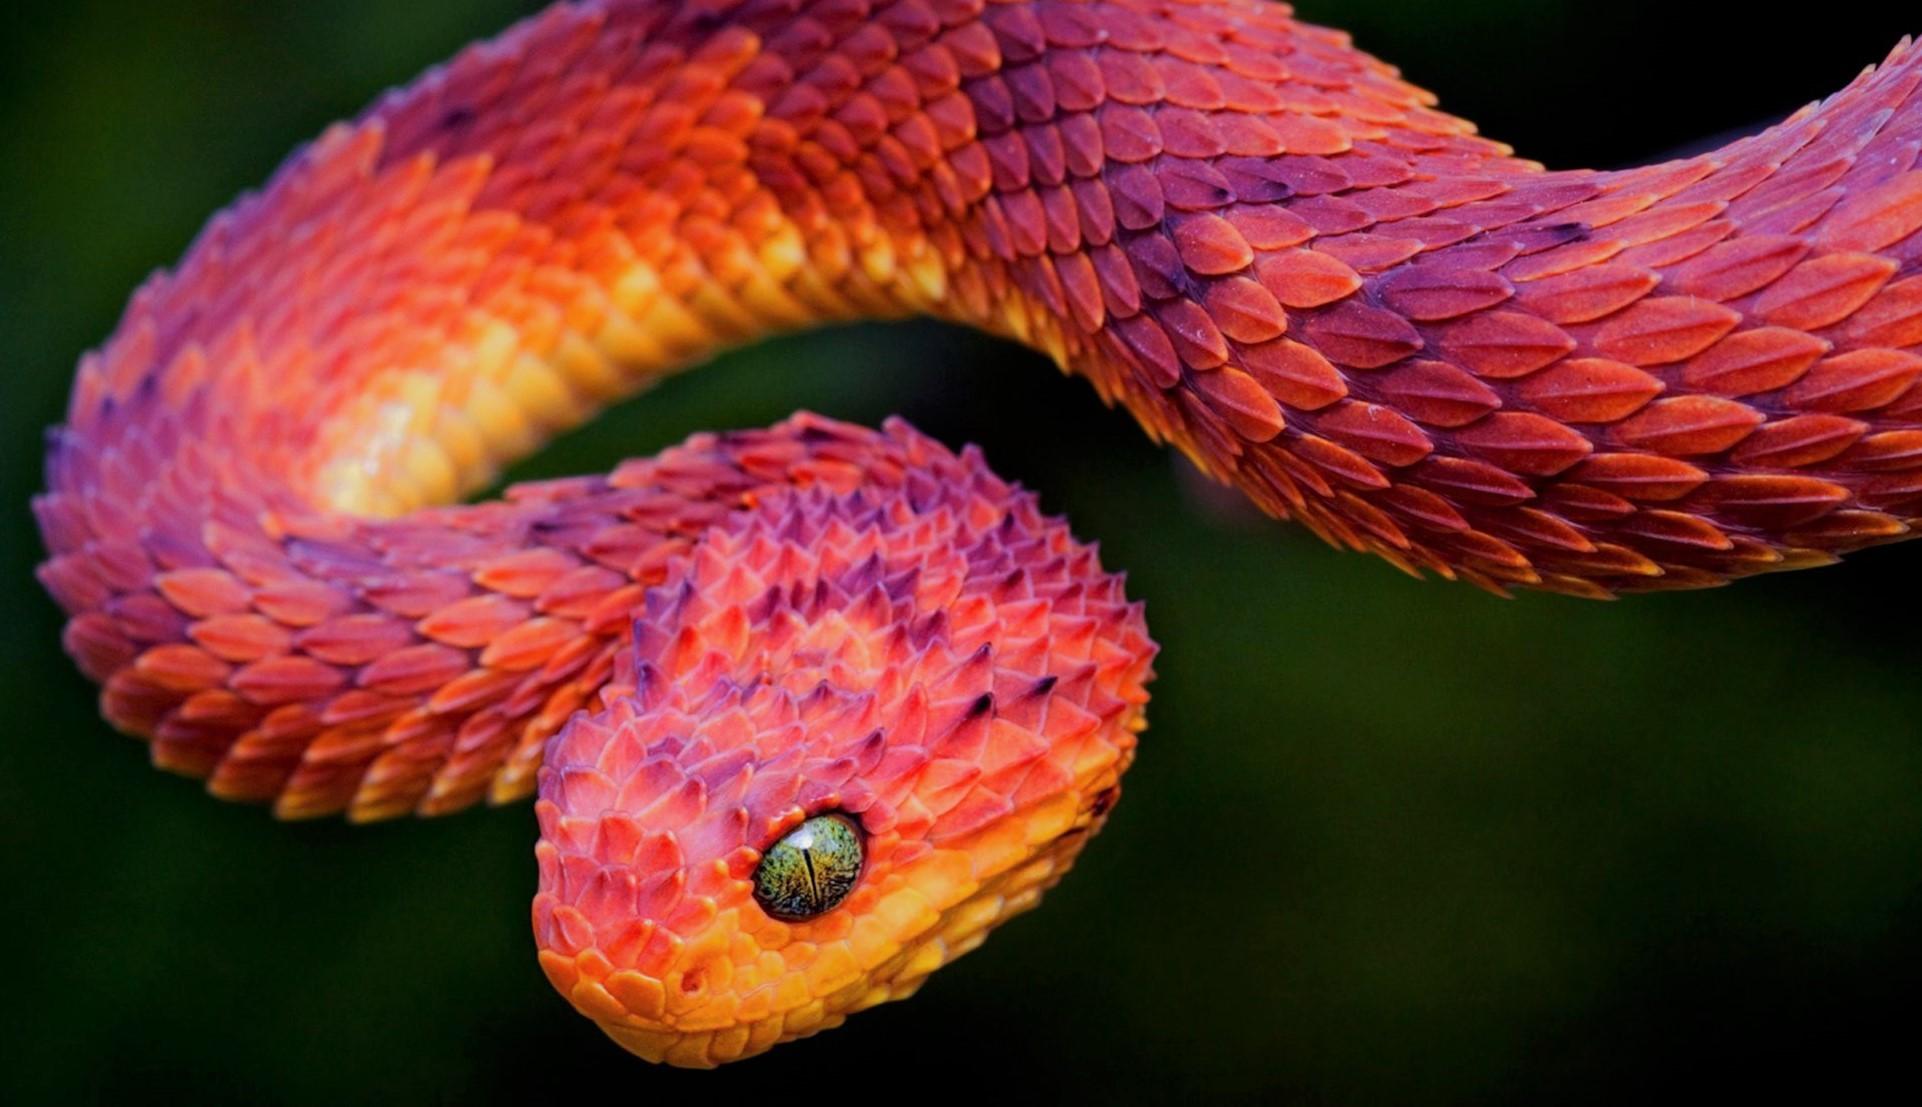 Змеи – виды, список, названия, особенности, описание, фото и видео